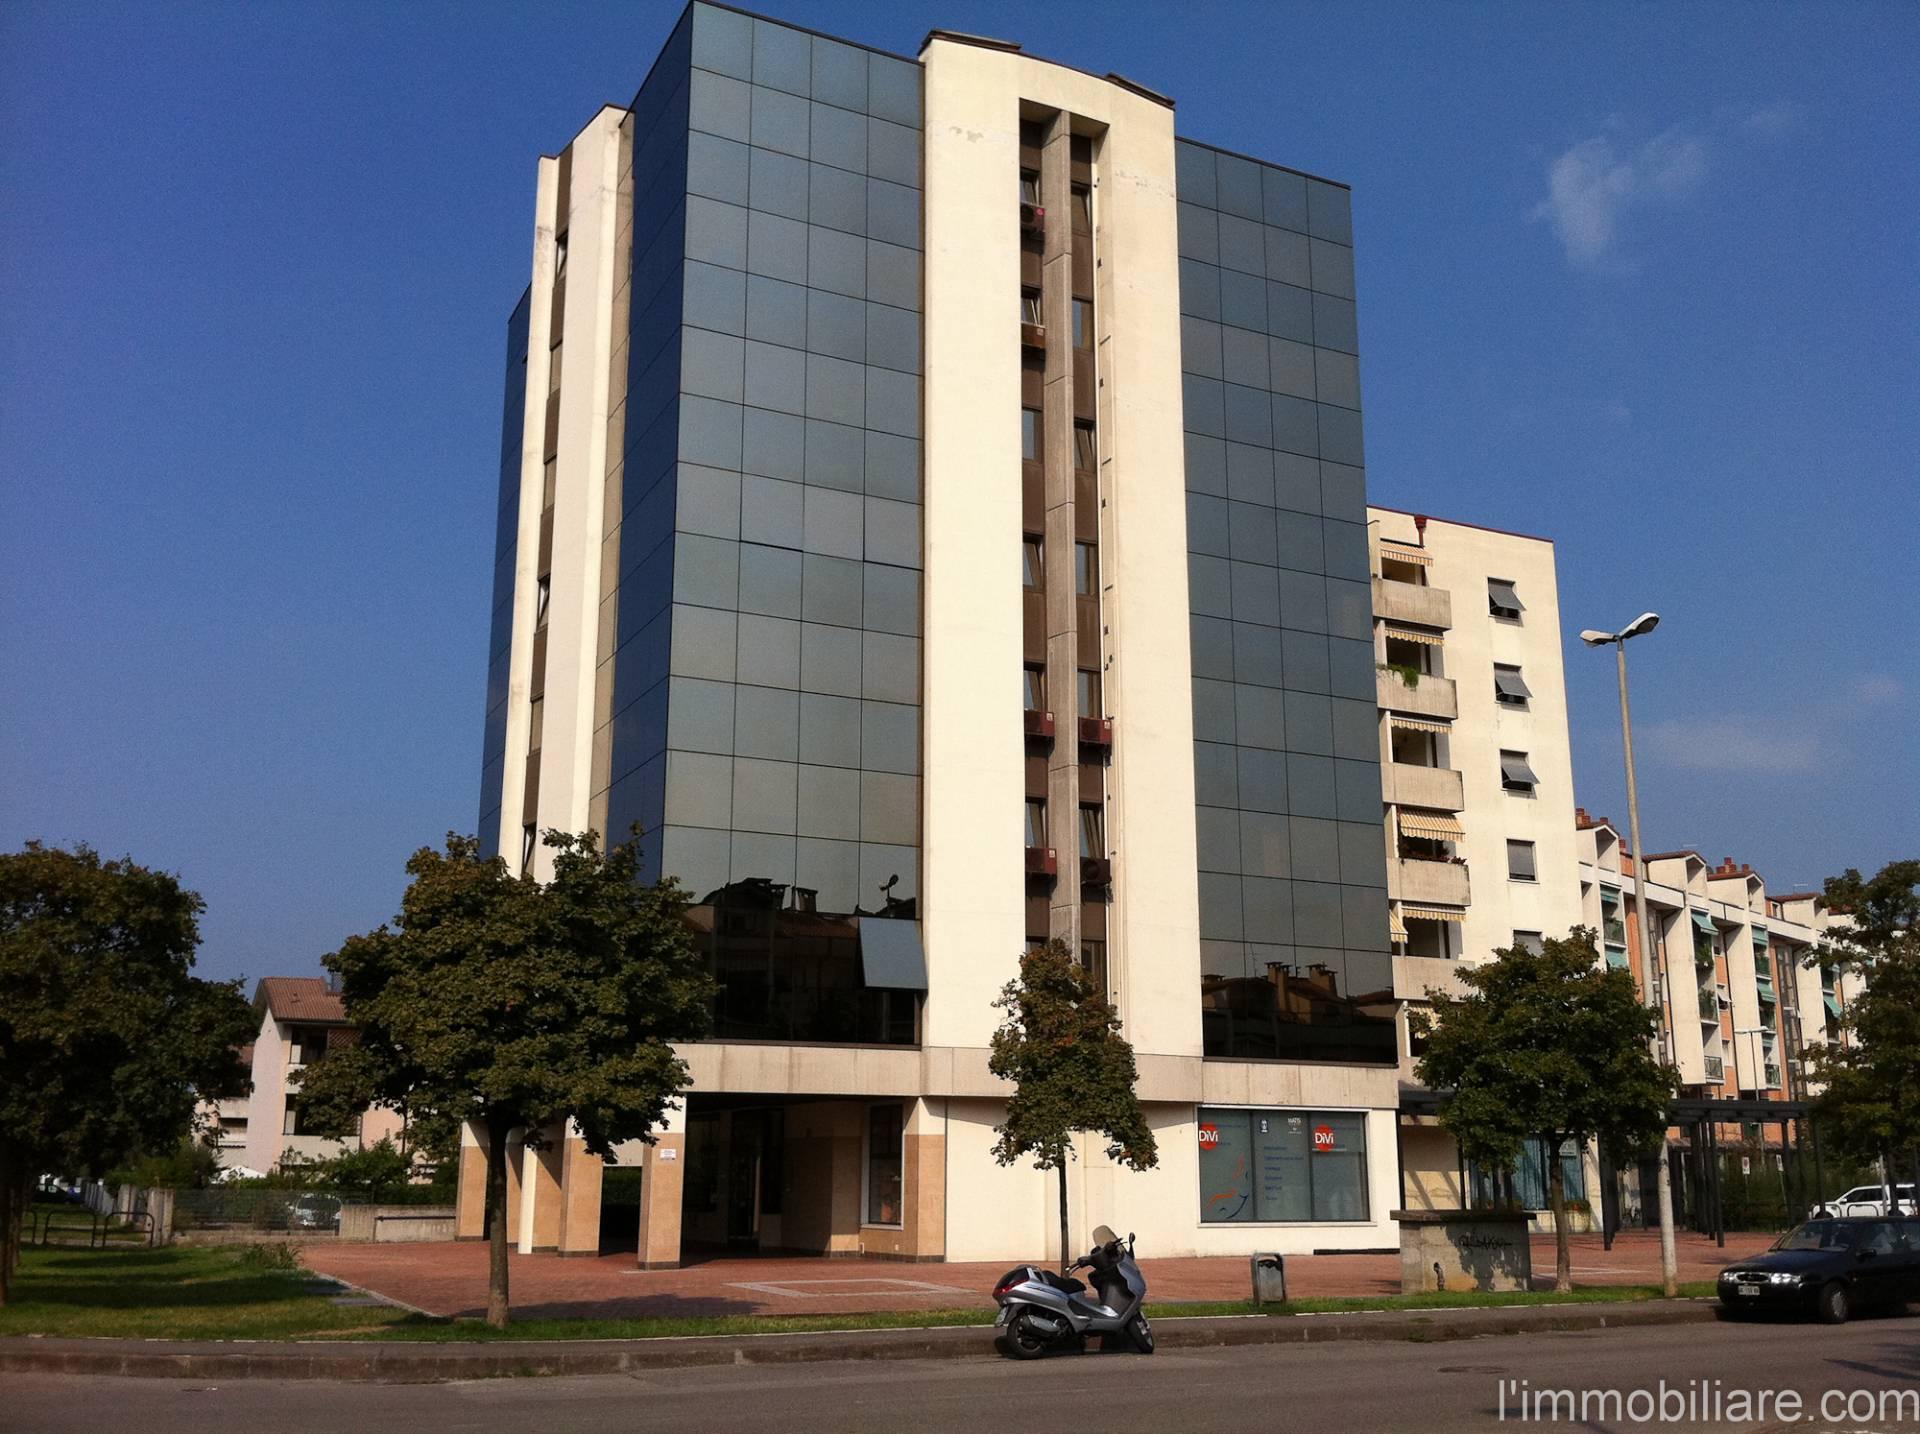 Ufficio-studio in Vendita a Verona Semicentro Ovest: 3 locali, 80 mq